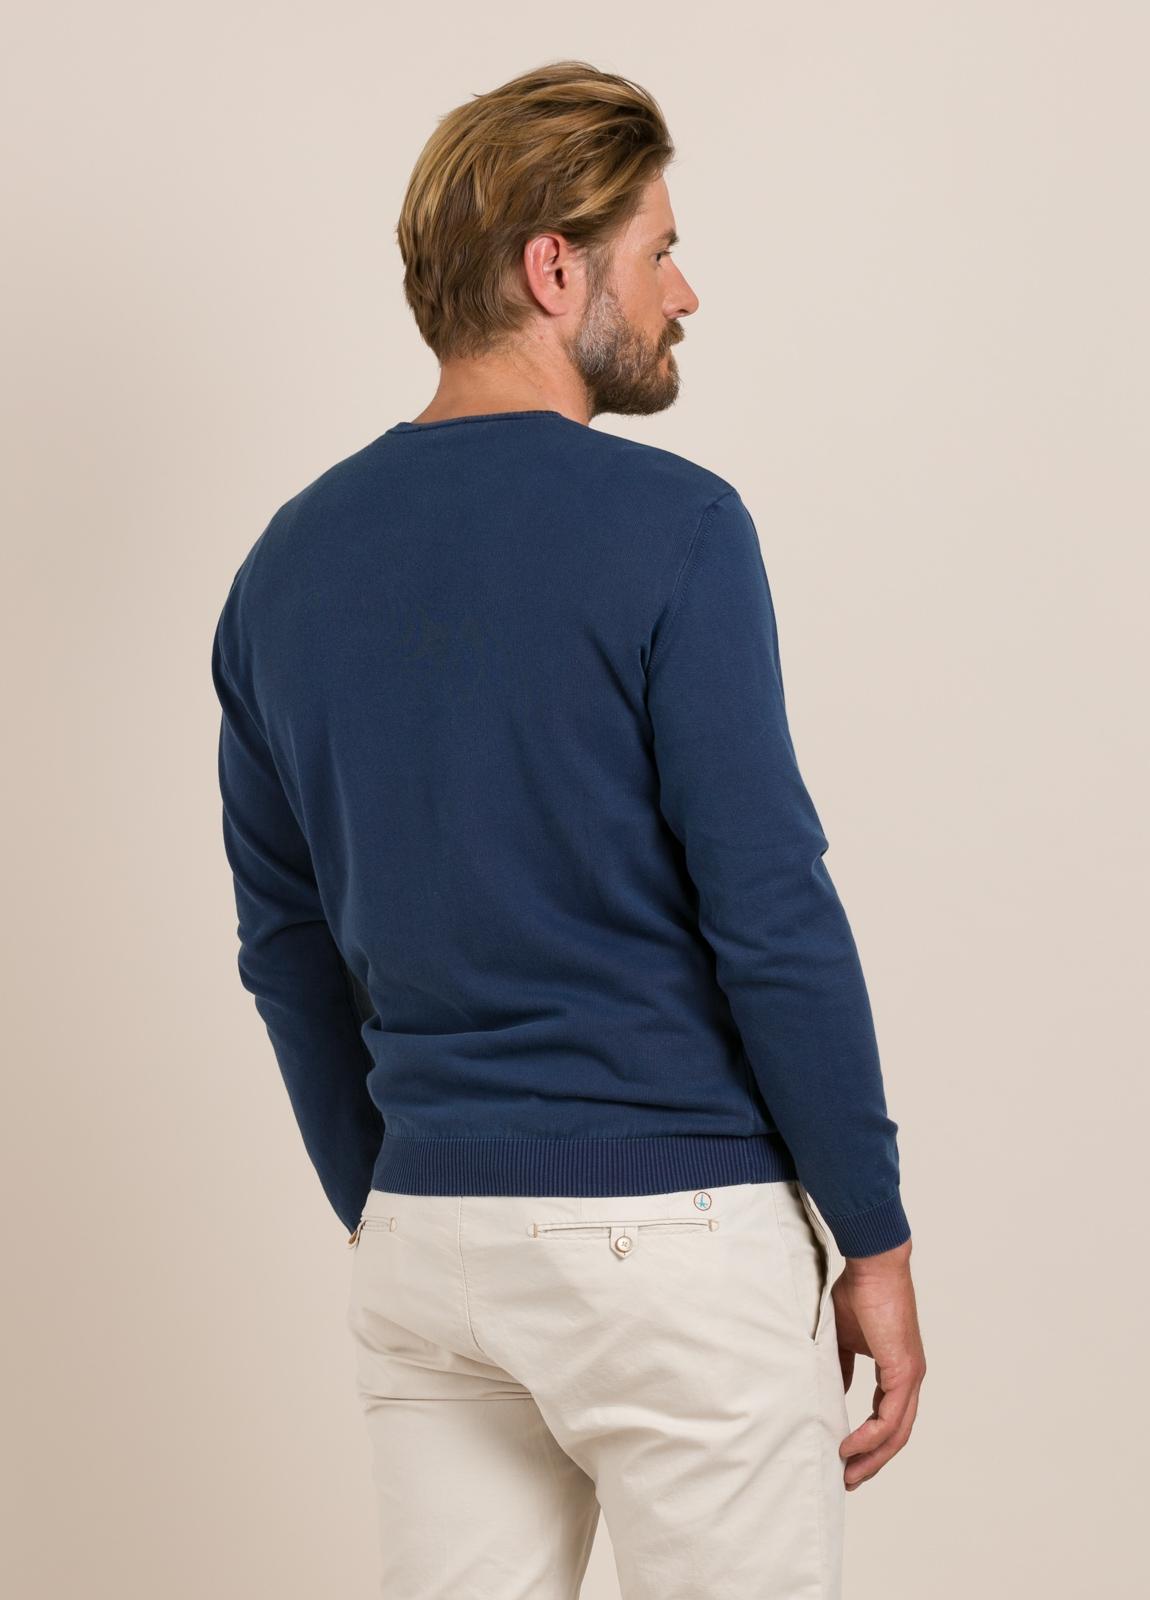 Jersey FUREST COLECCIÓN cuello pico azul - Ítem2